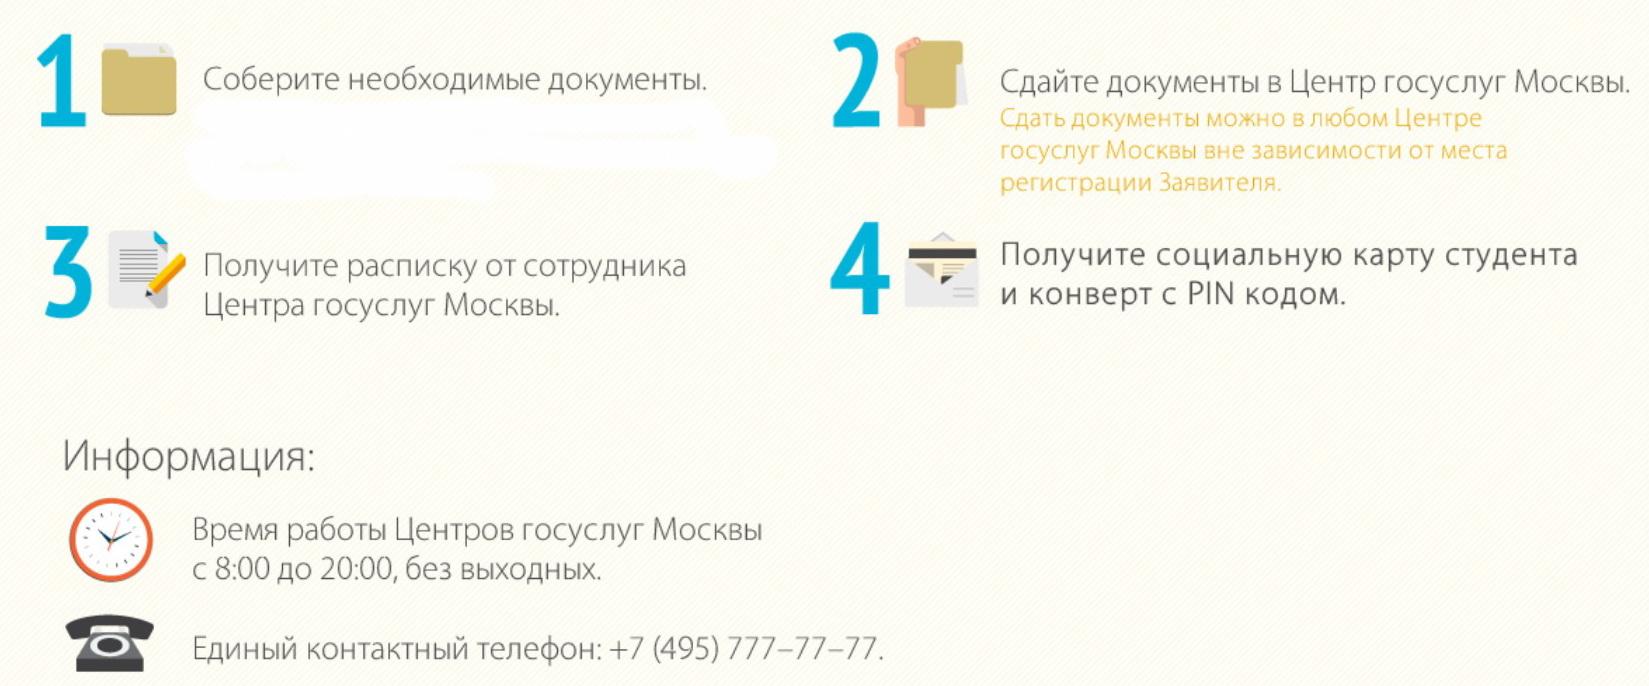 взять кредит в беларусбанке на потребительские нужды без поручителей калькулятор